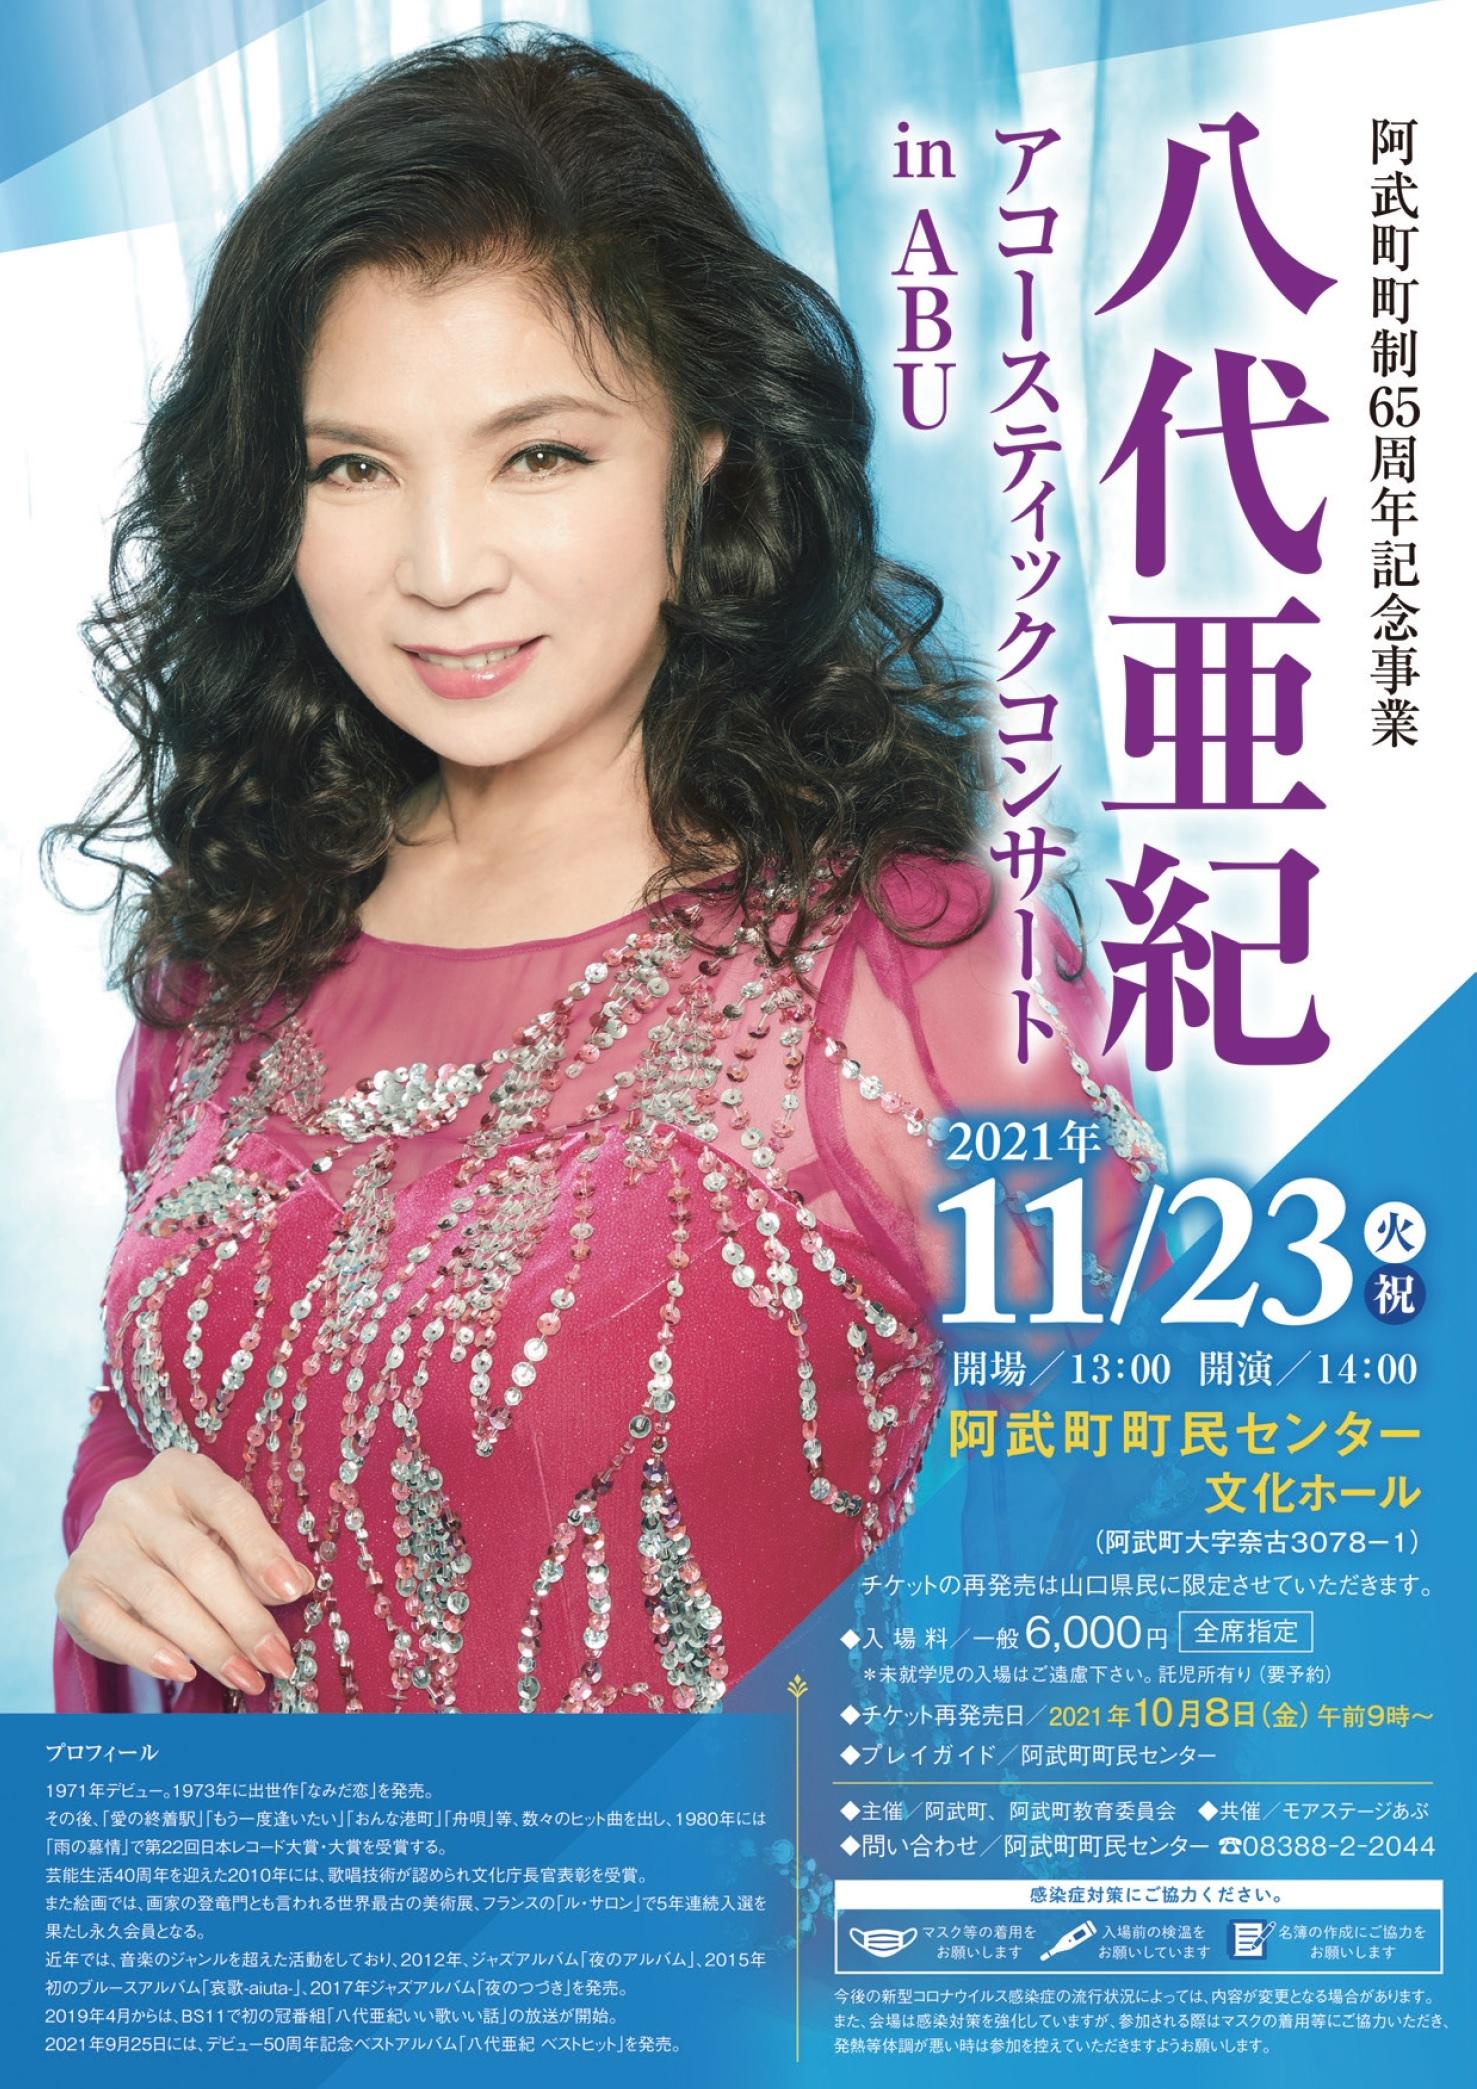 八代亜紀アコースティックコンサート in ABU